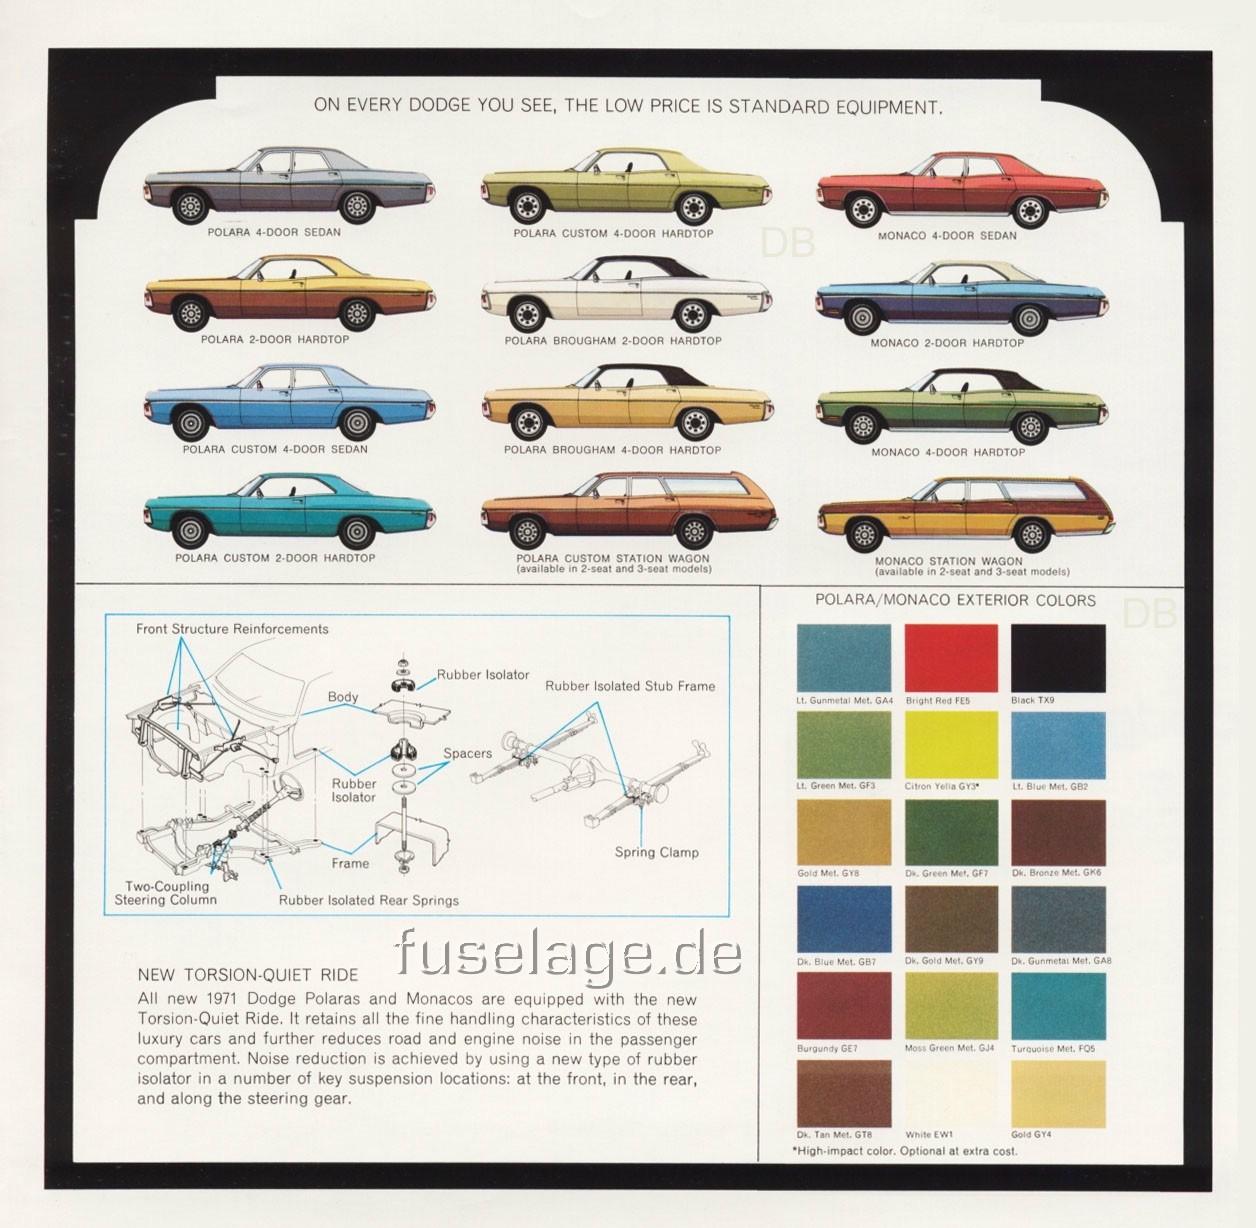 1971 Dodge Catalog Part 1